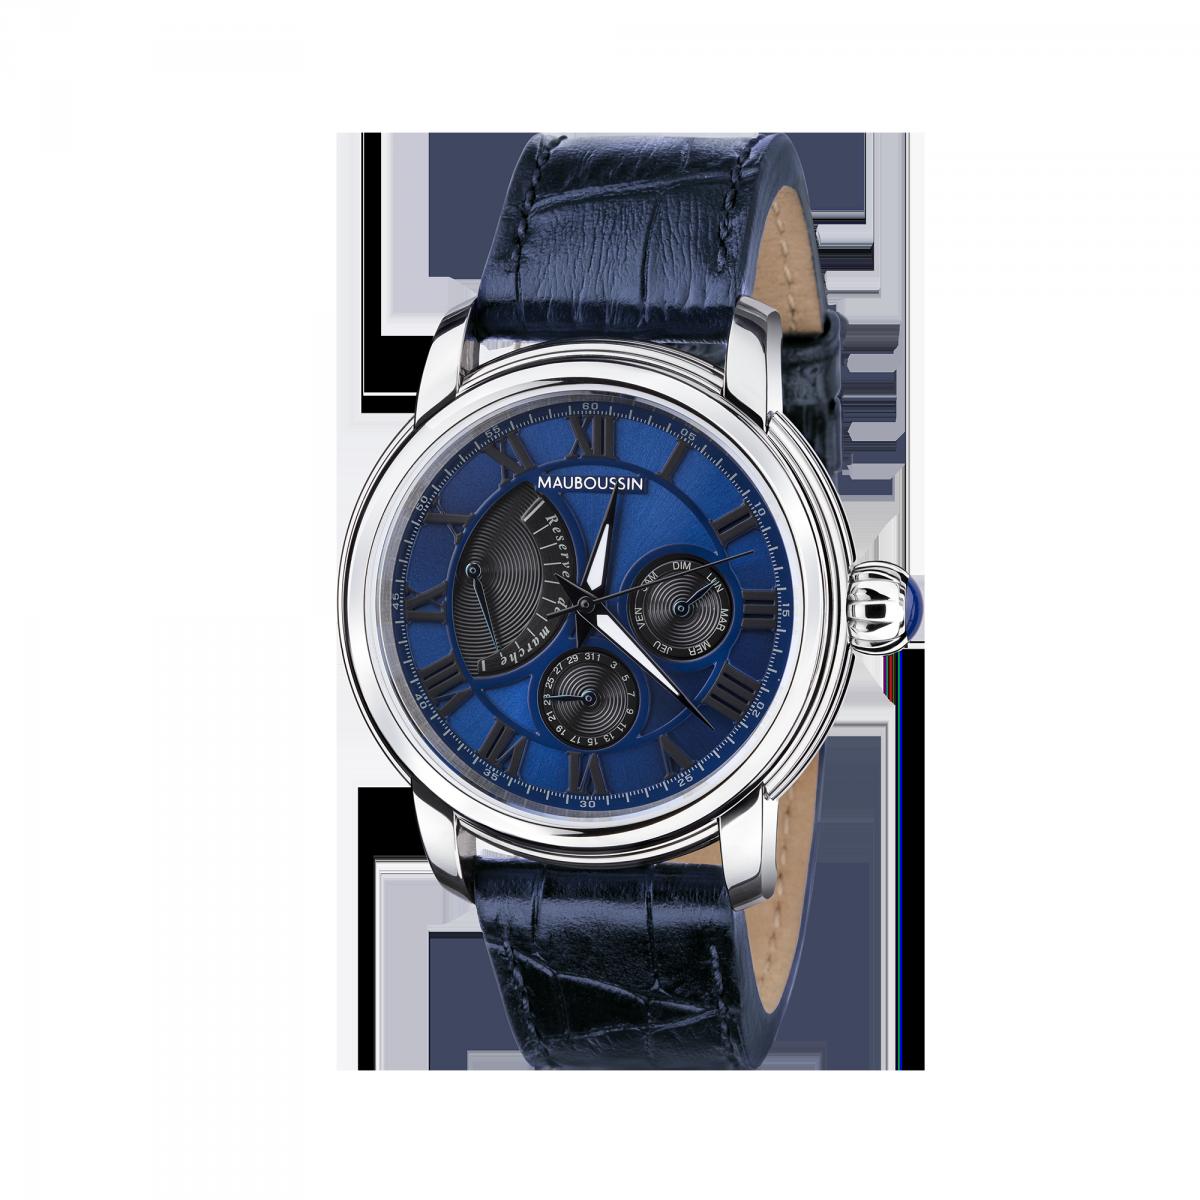 montre-mauboussin-le-temps-ne-s-arrete-jamais-acier-cadran-bleu-mouvement-automatique-avec-reserve-de-marche-n22